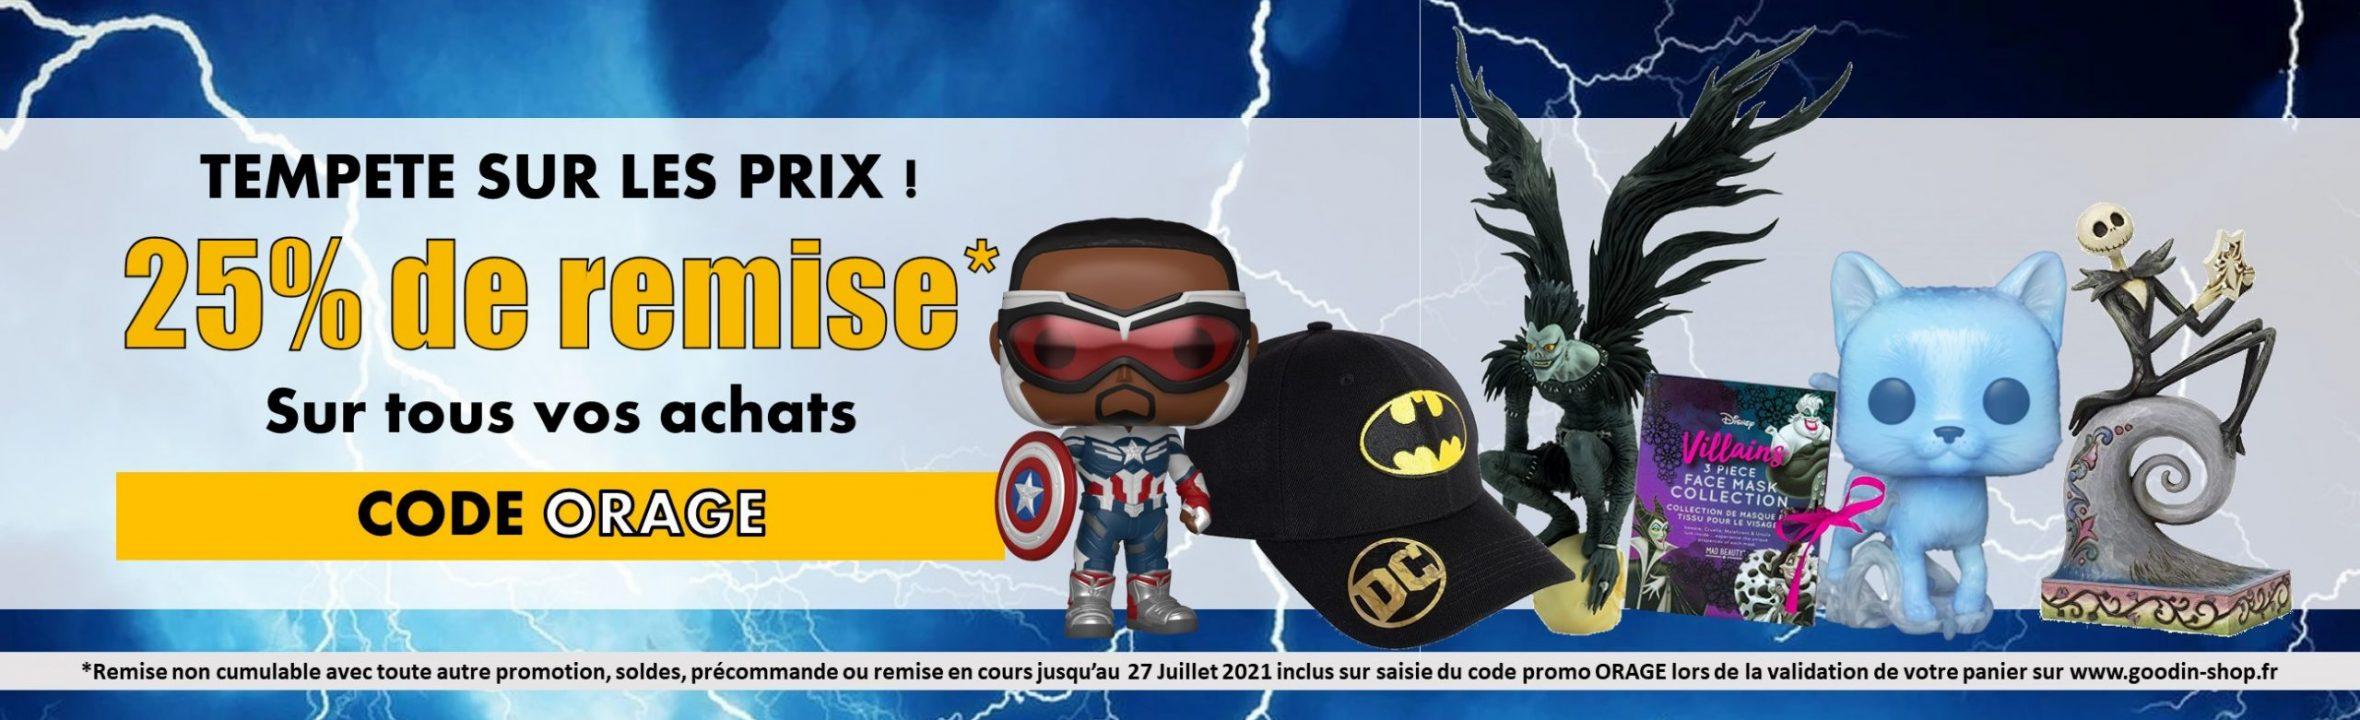 promotion 25% de remise code Orage sur www.goodin-shop.fr